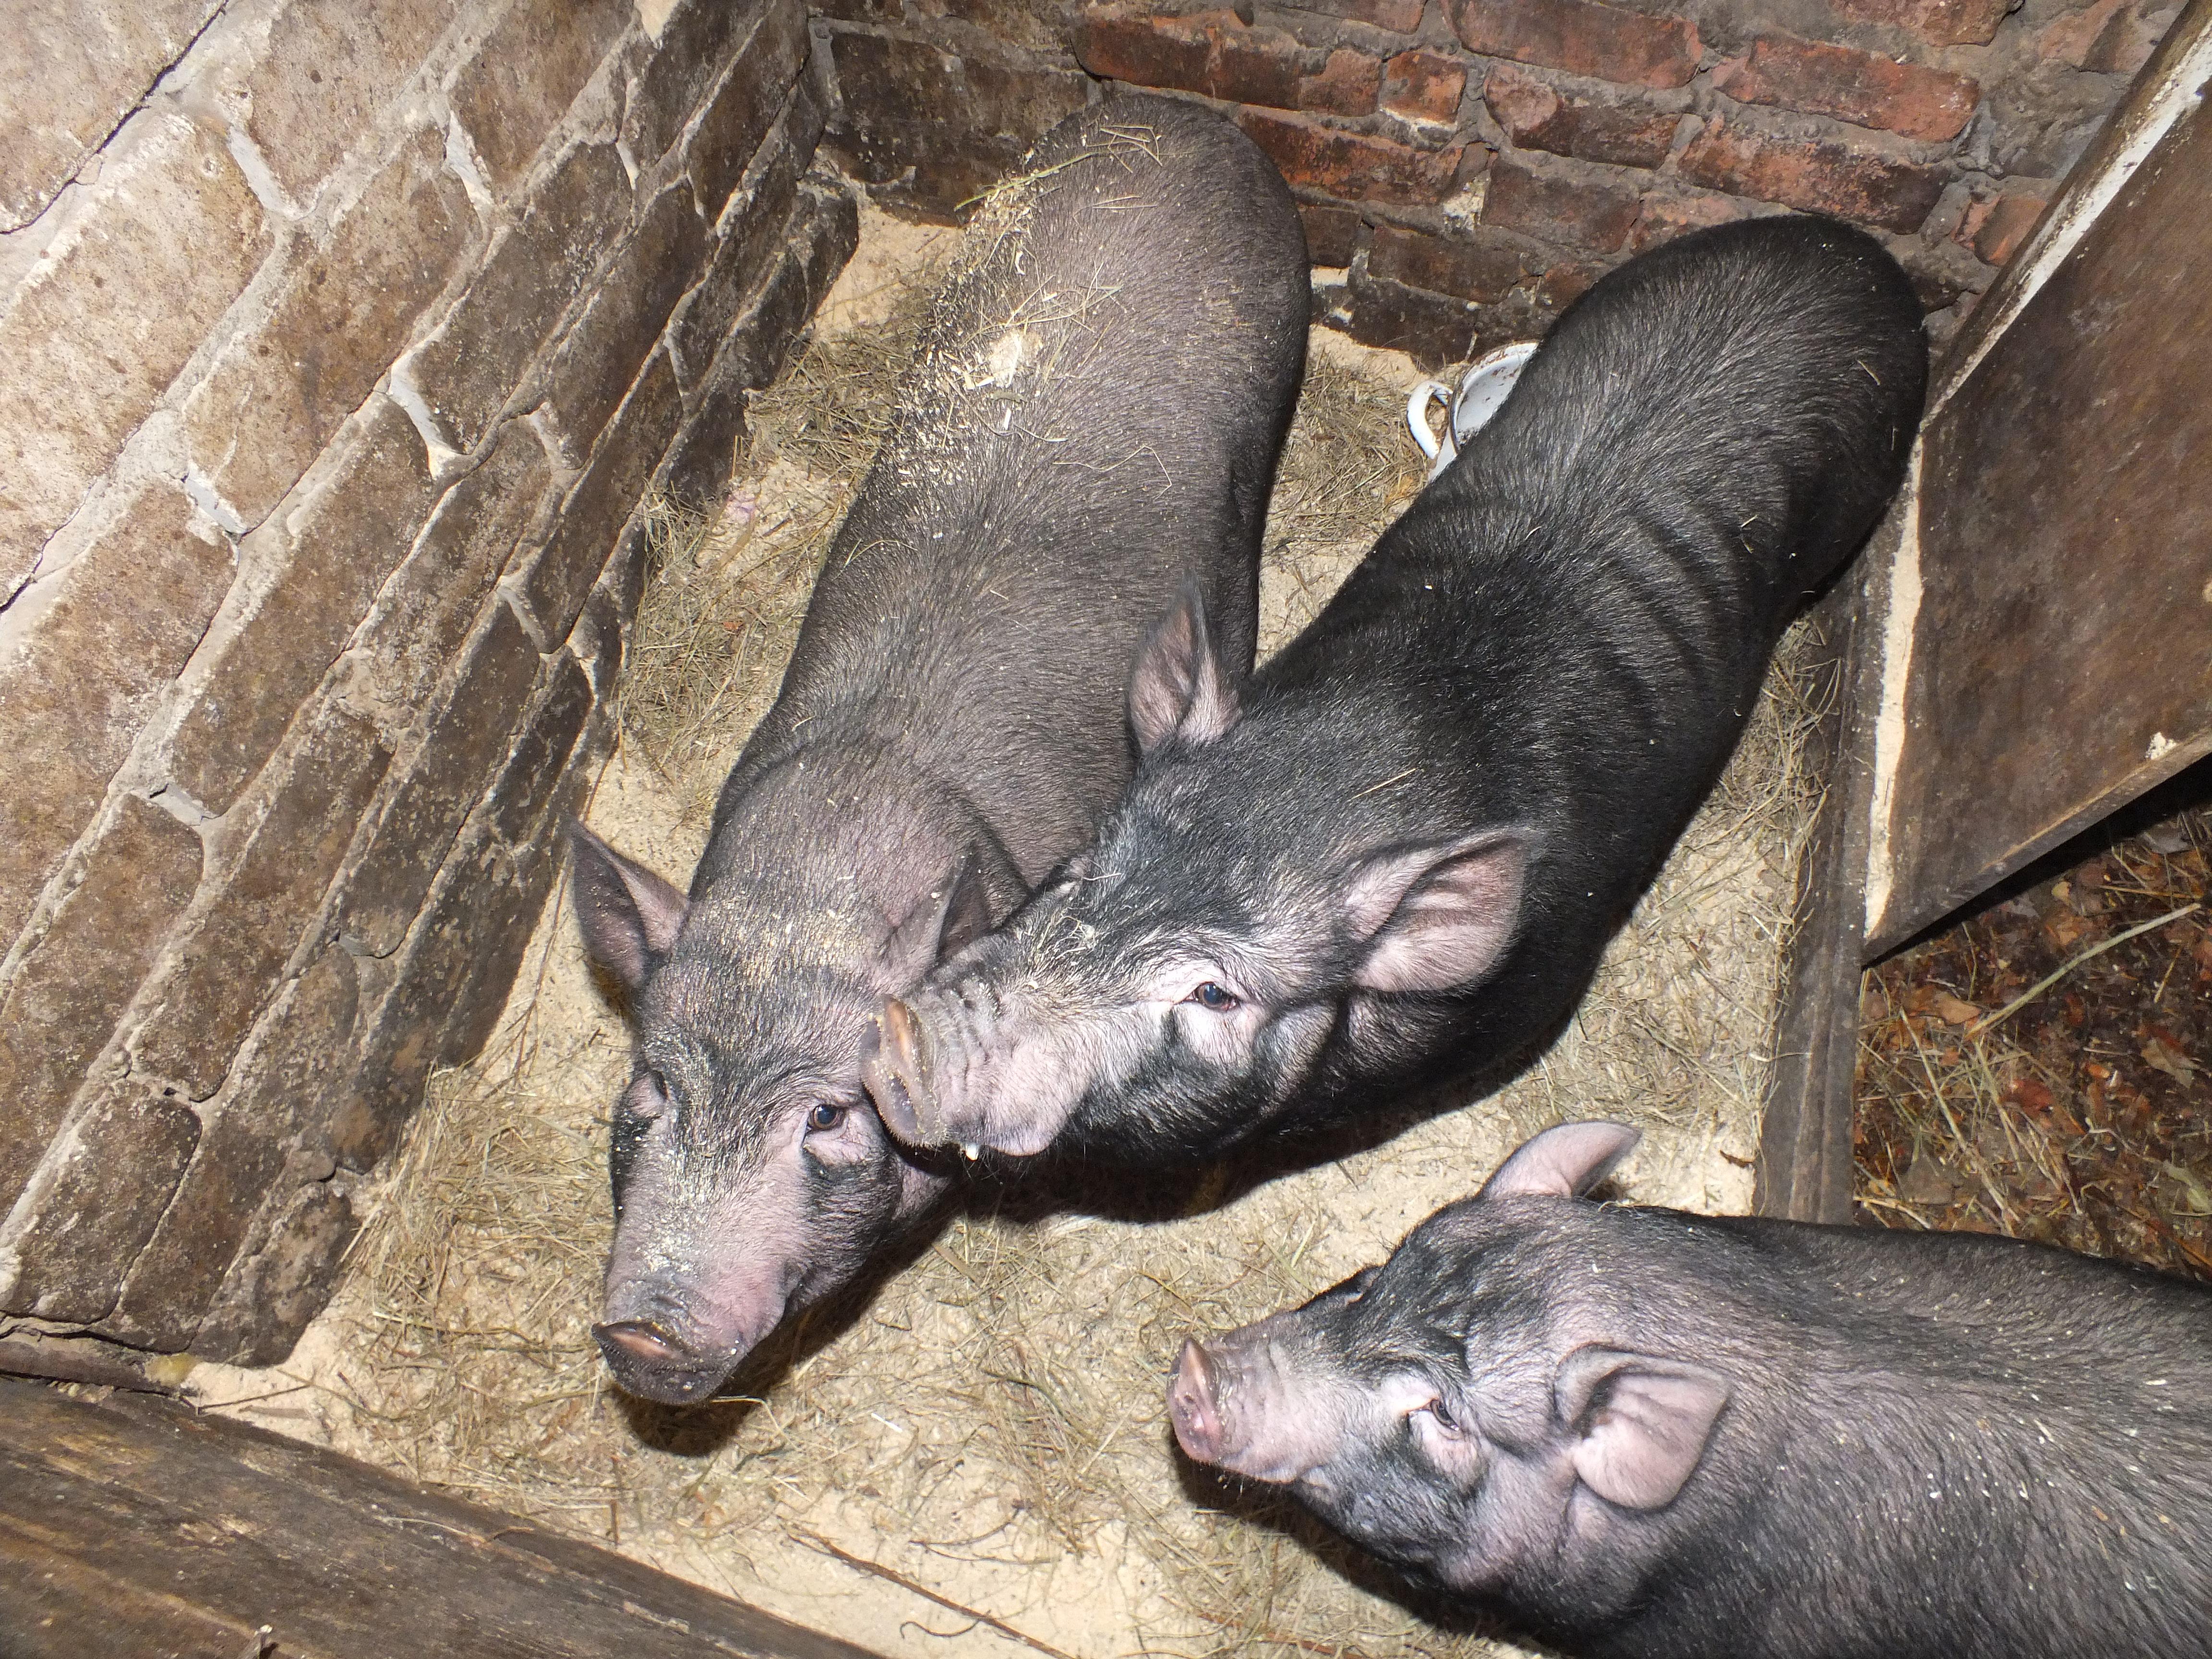 Свинья (79 фото): описание поросят и домашних свиней, их разведение в домашних условиях для начинающих